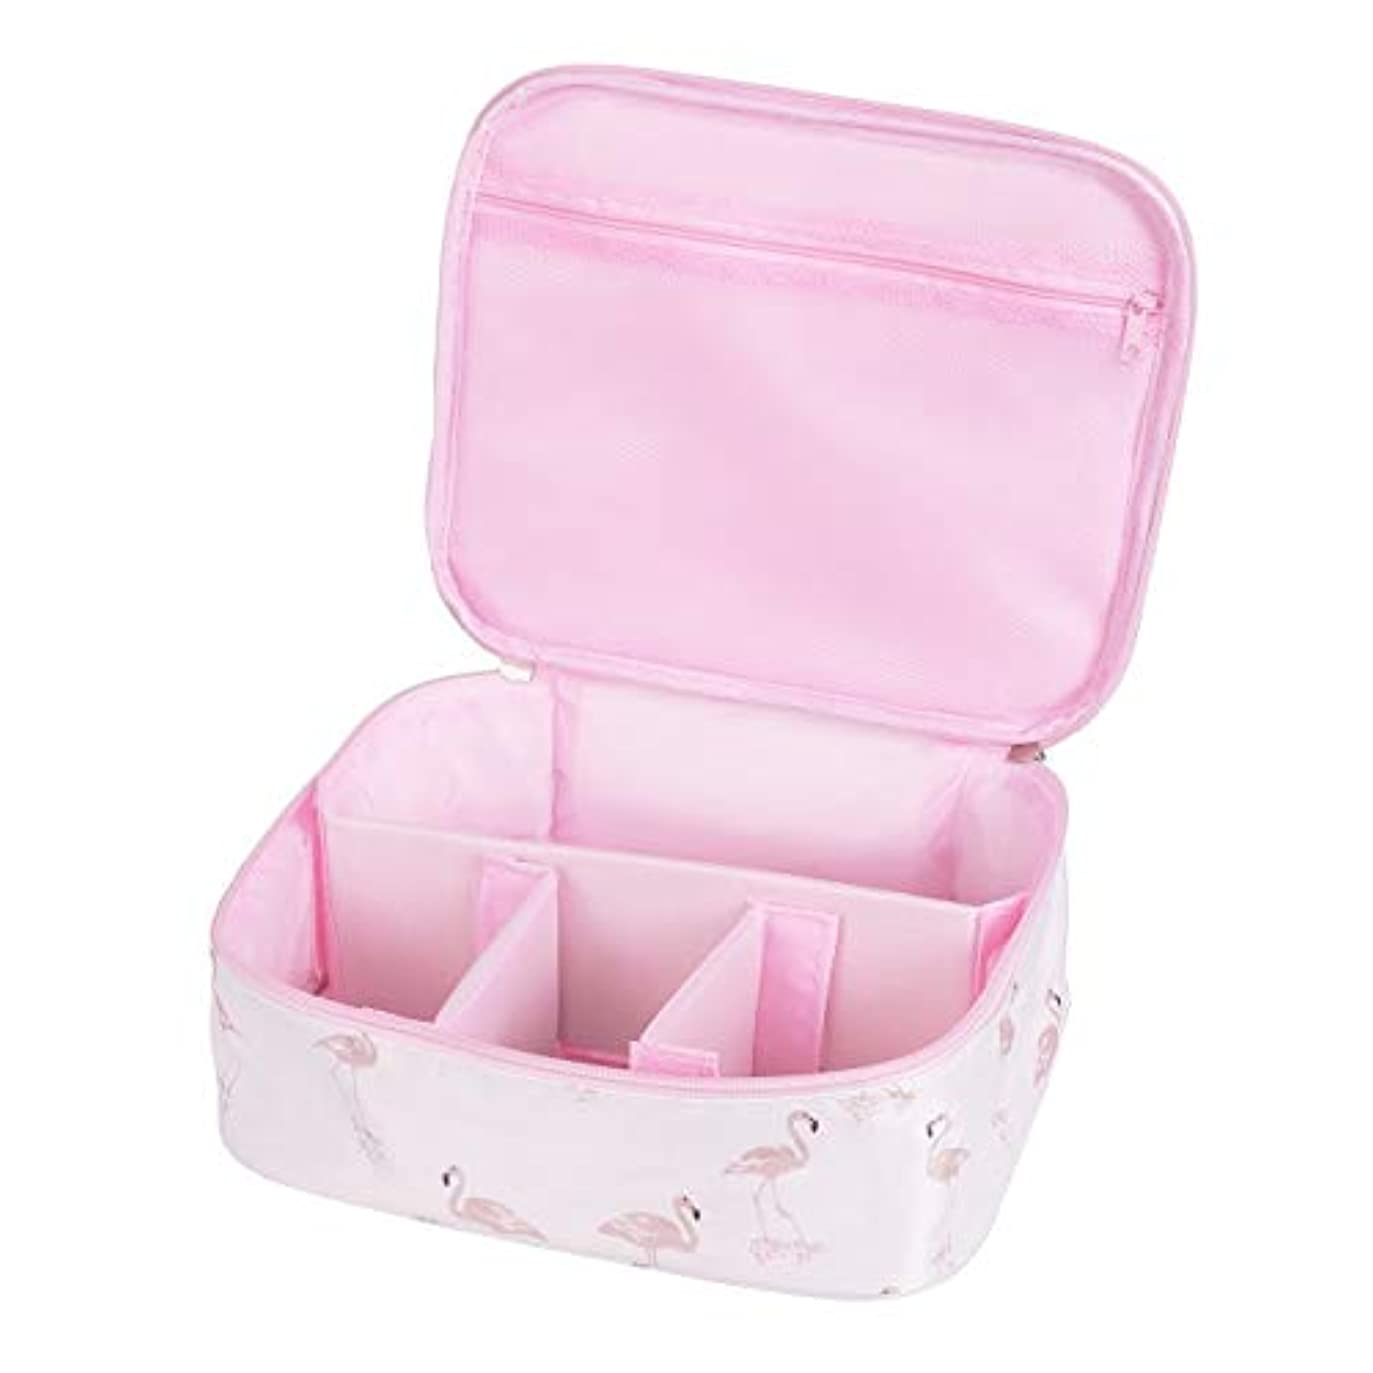 解き明かすブレーク寛容[CAWKAY] メイクボックス 旅行用化粧ケース コスメ バッグ ボックス トラベル化粧ポーチ メイクブラシ 小物入れ 収納